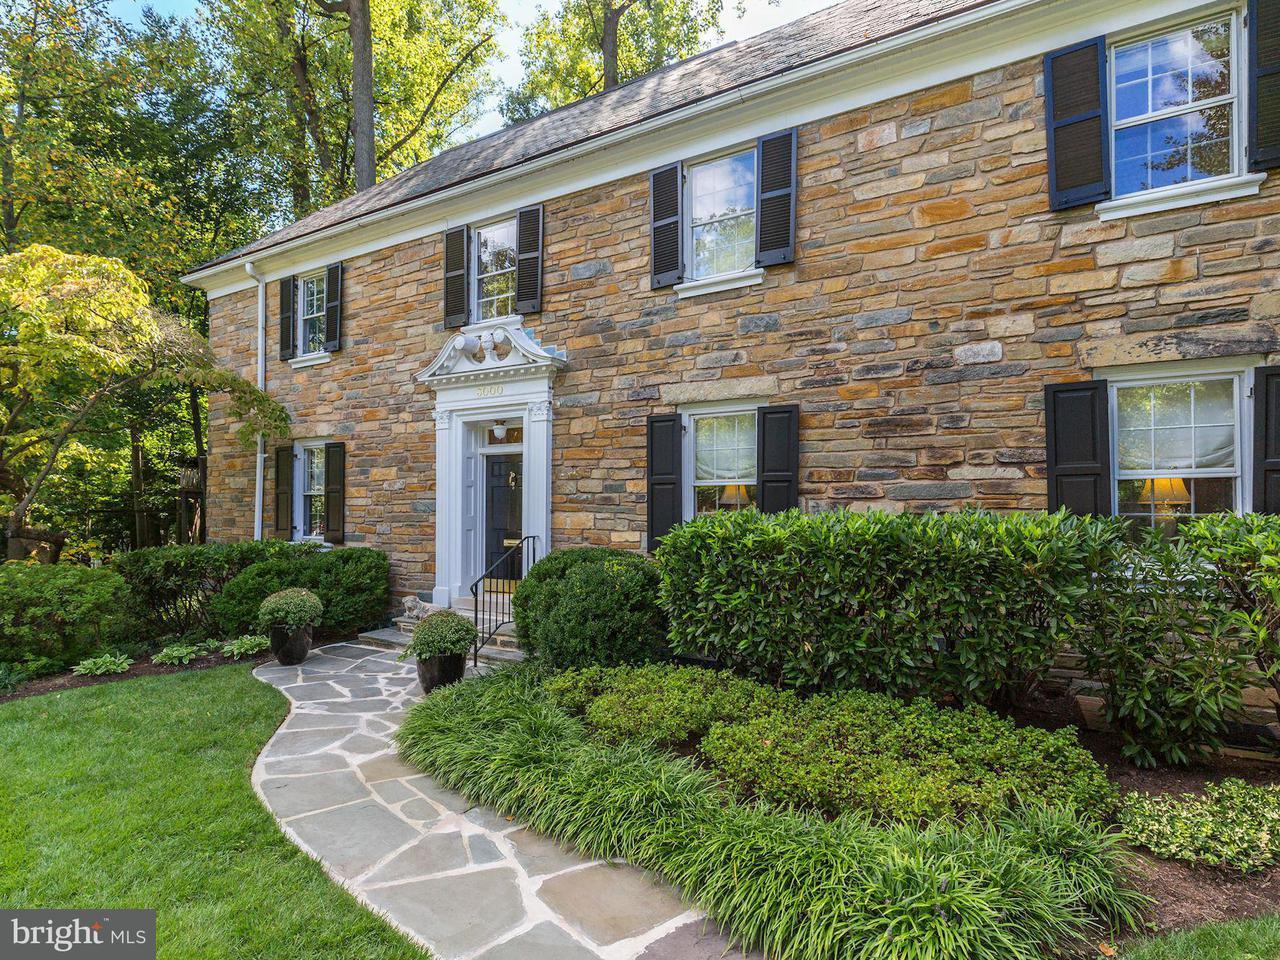 Einfamilienhaus für Verkauf beim 3000 Woodland Dr Nw 3000 Woodland Dr Nw Washington, District Of Columbia 20008 Vereinigte Staaten